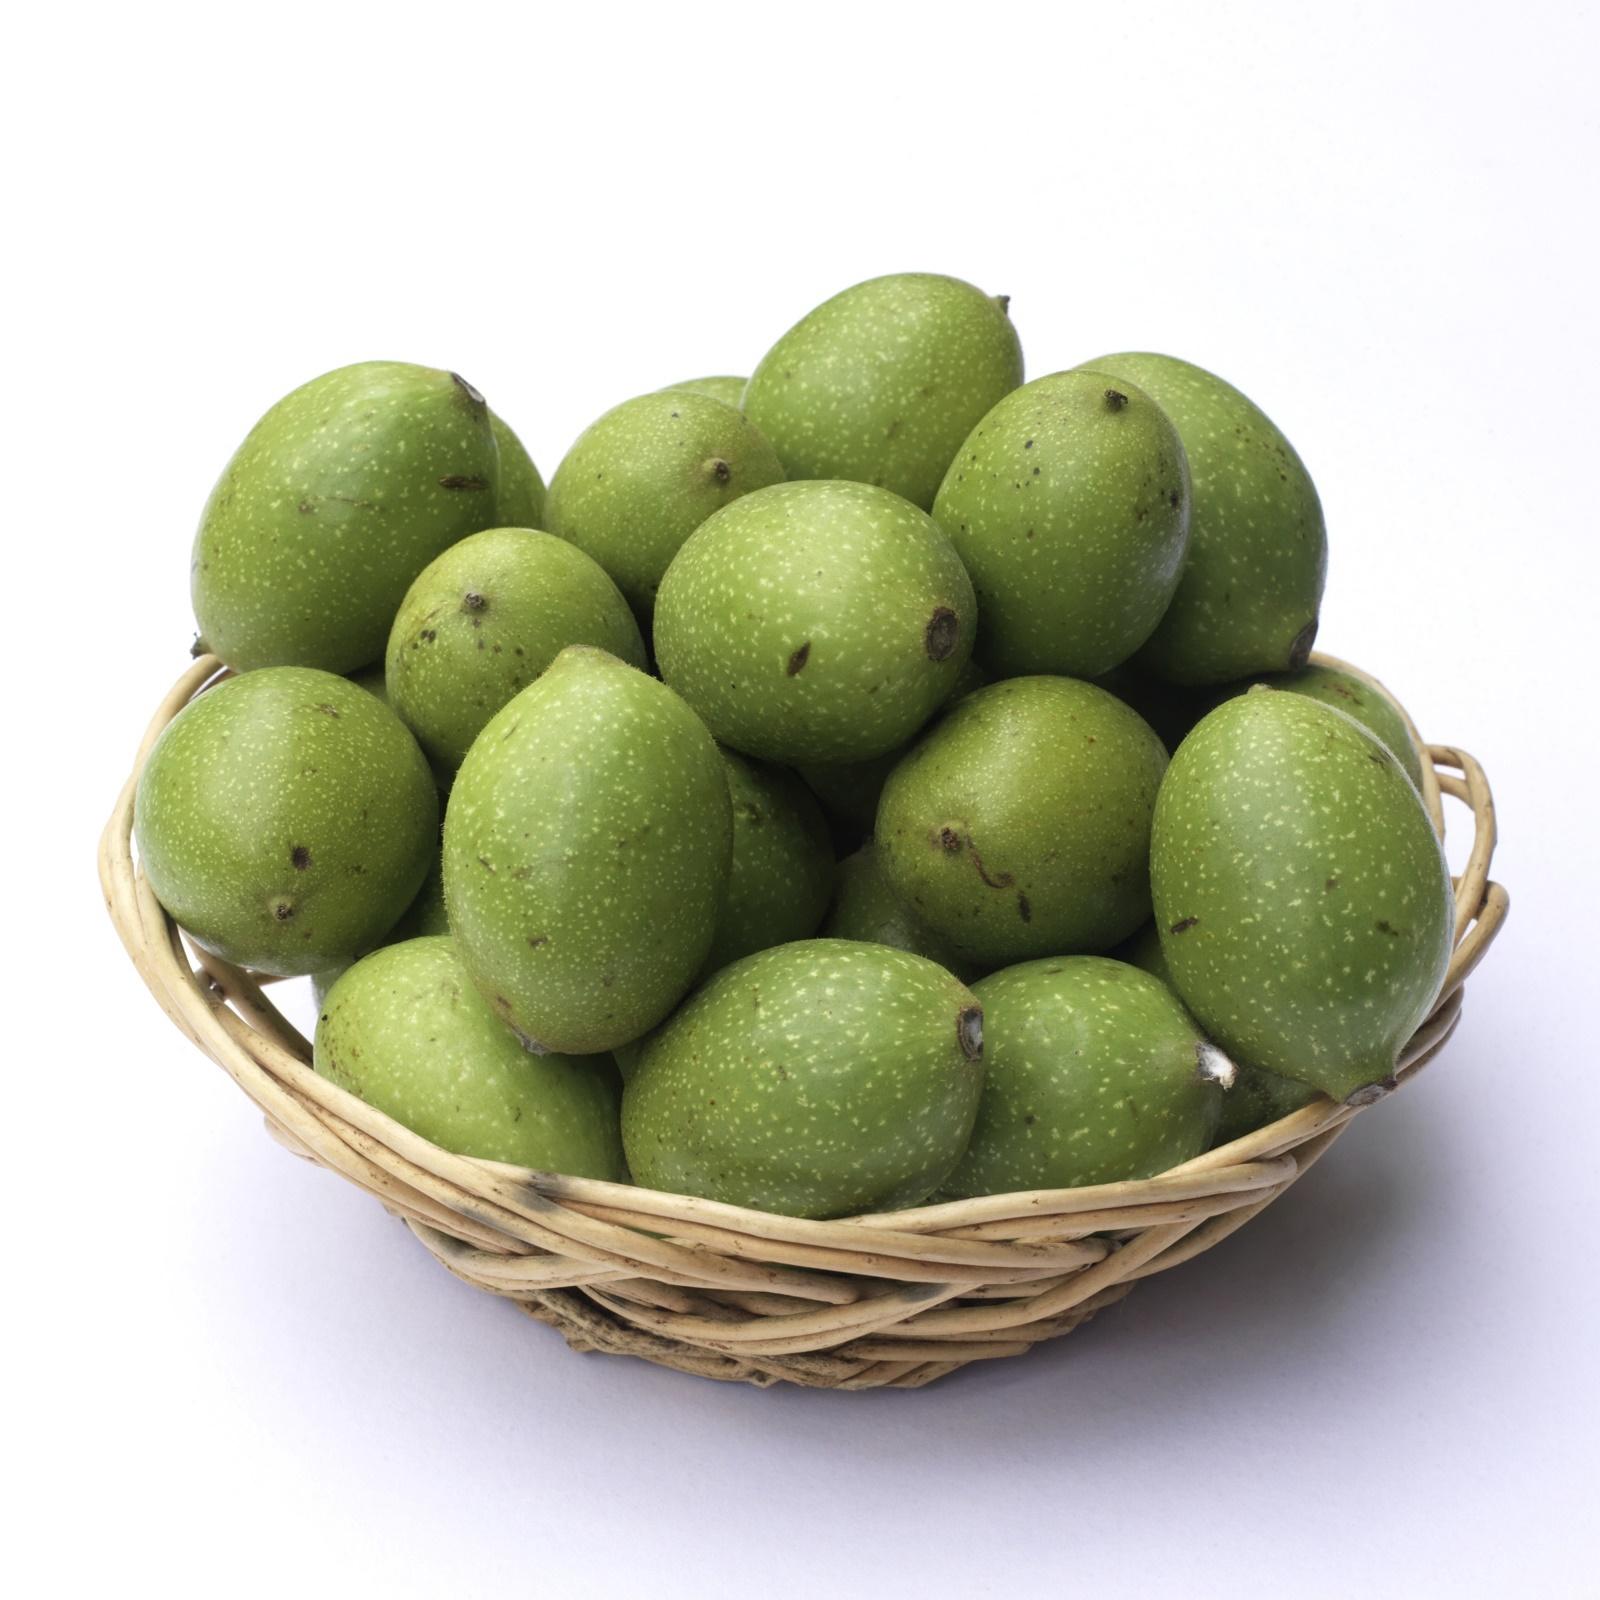 - Organic Walnuts